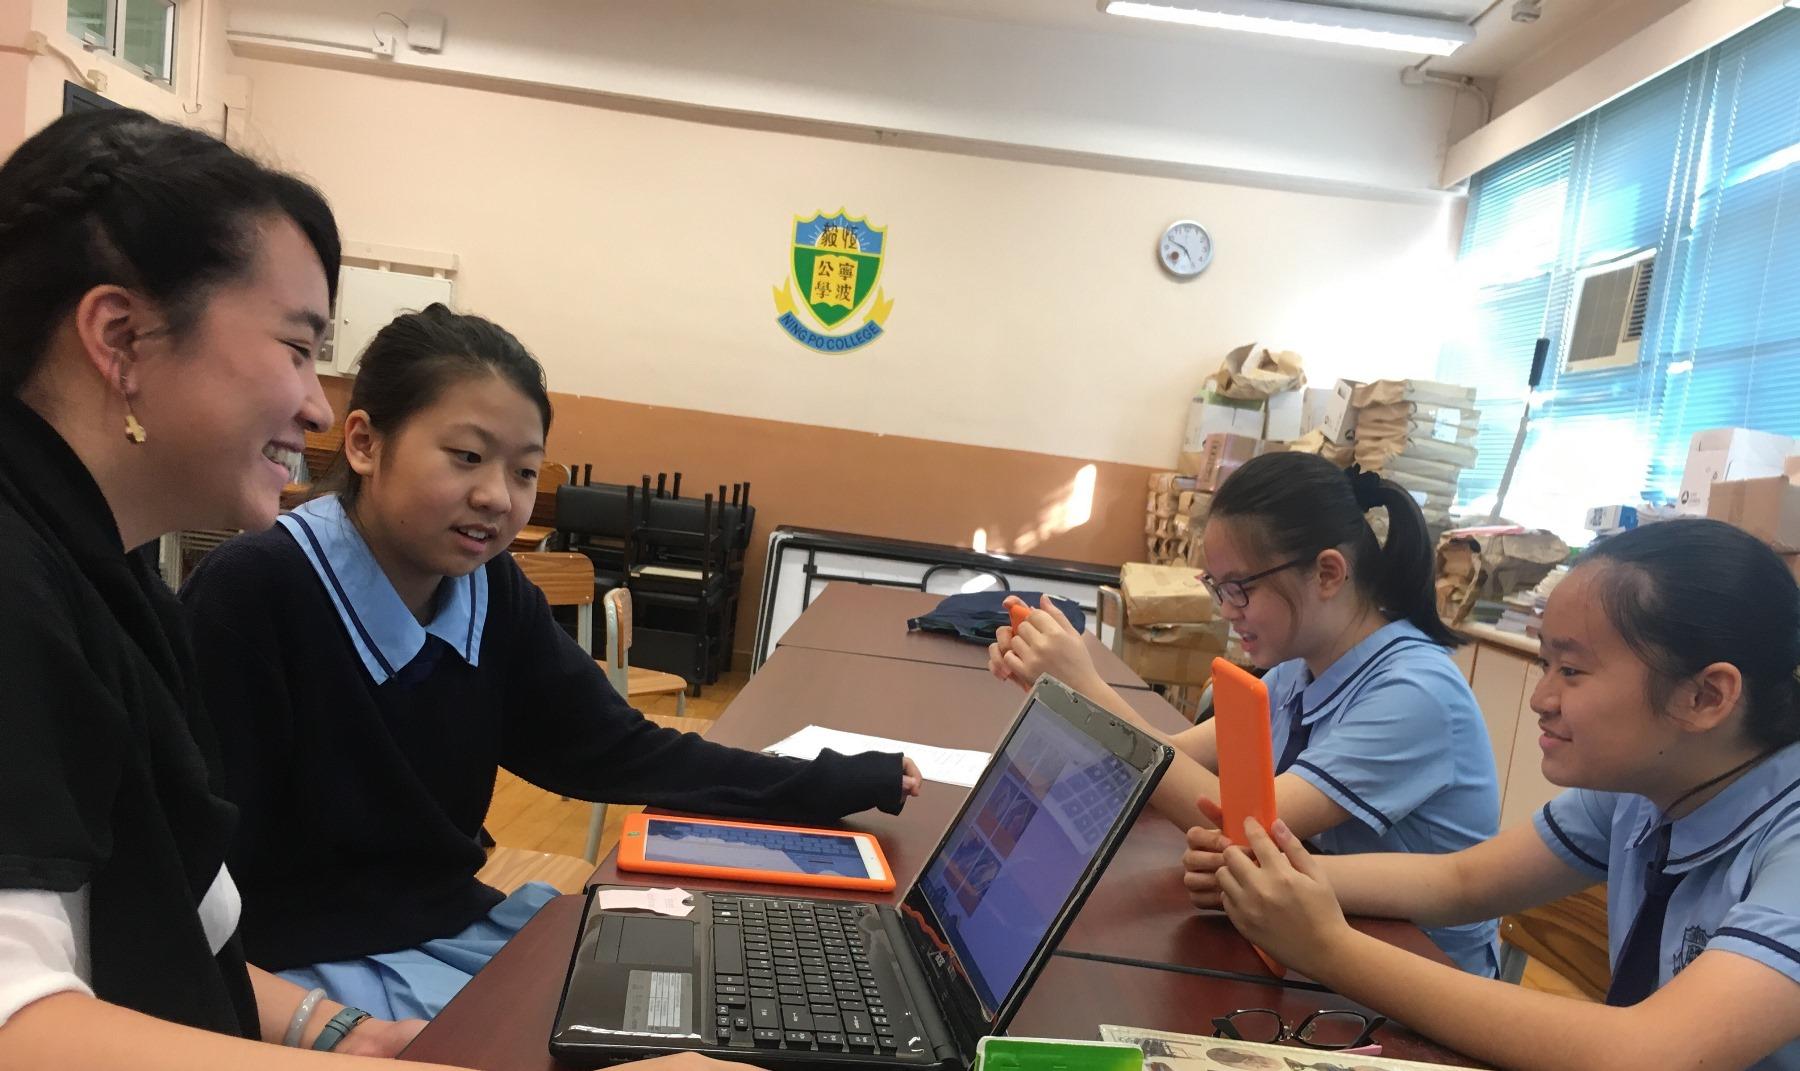 http://www.npc.edu.hk/sites/default/files/fullsizerender_2.jpg